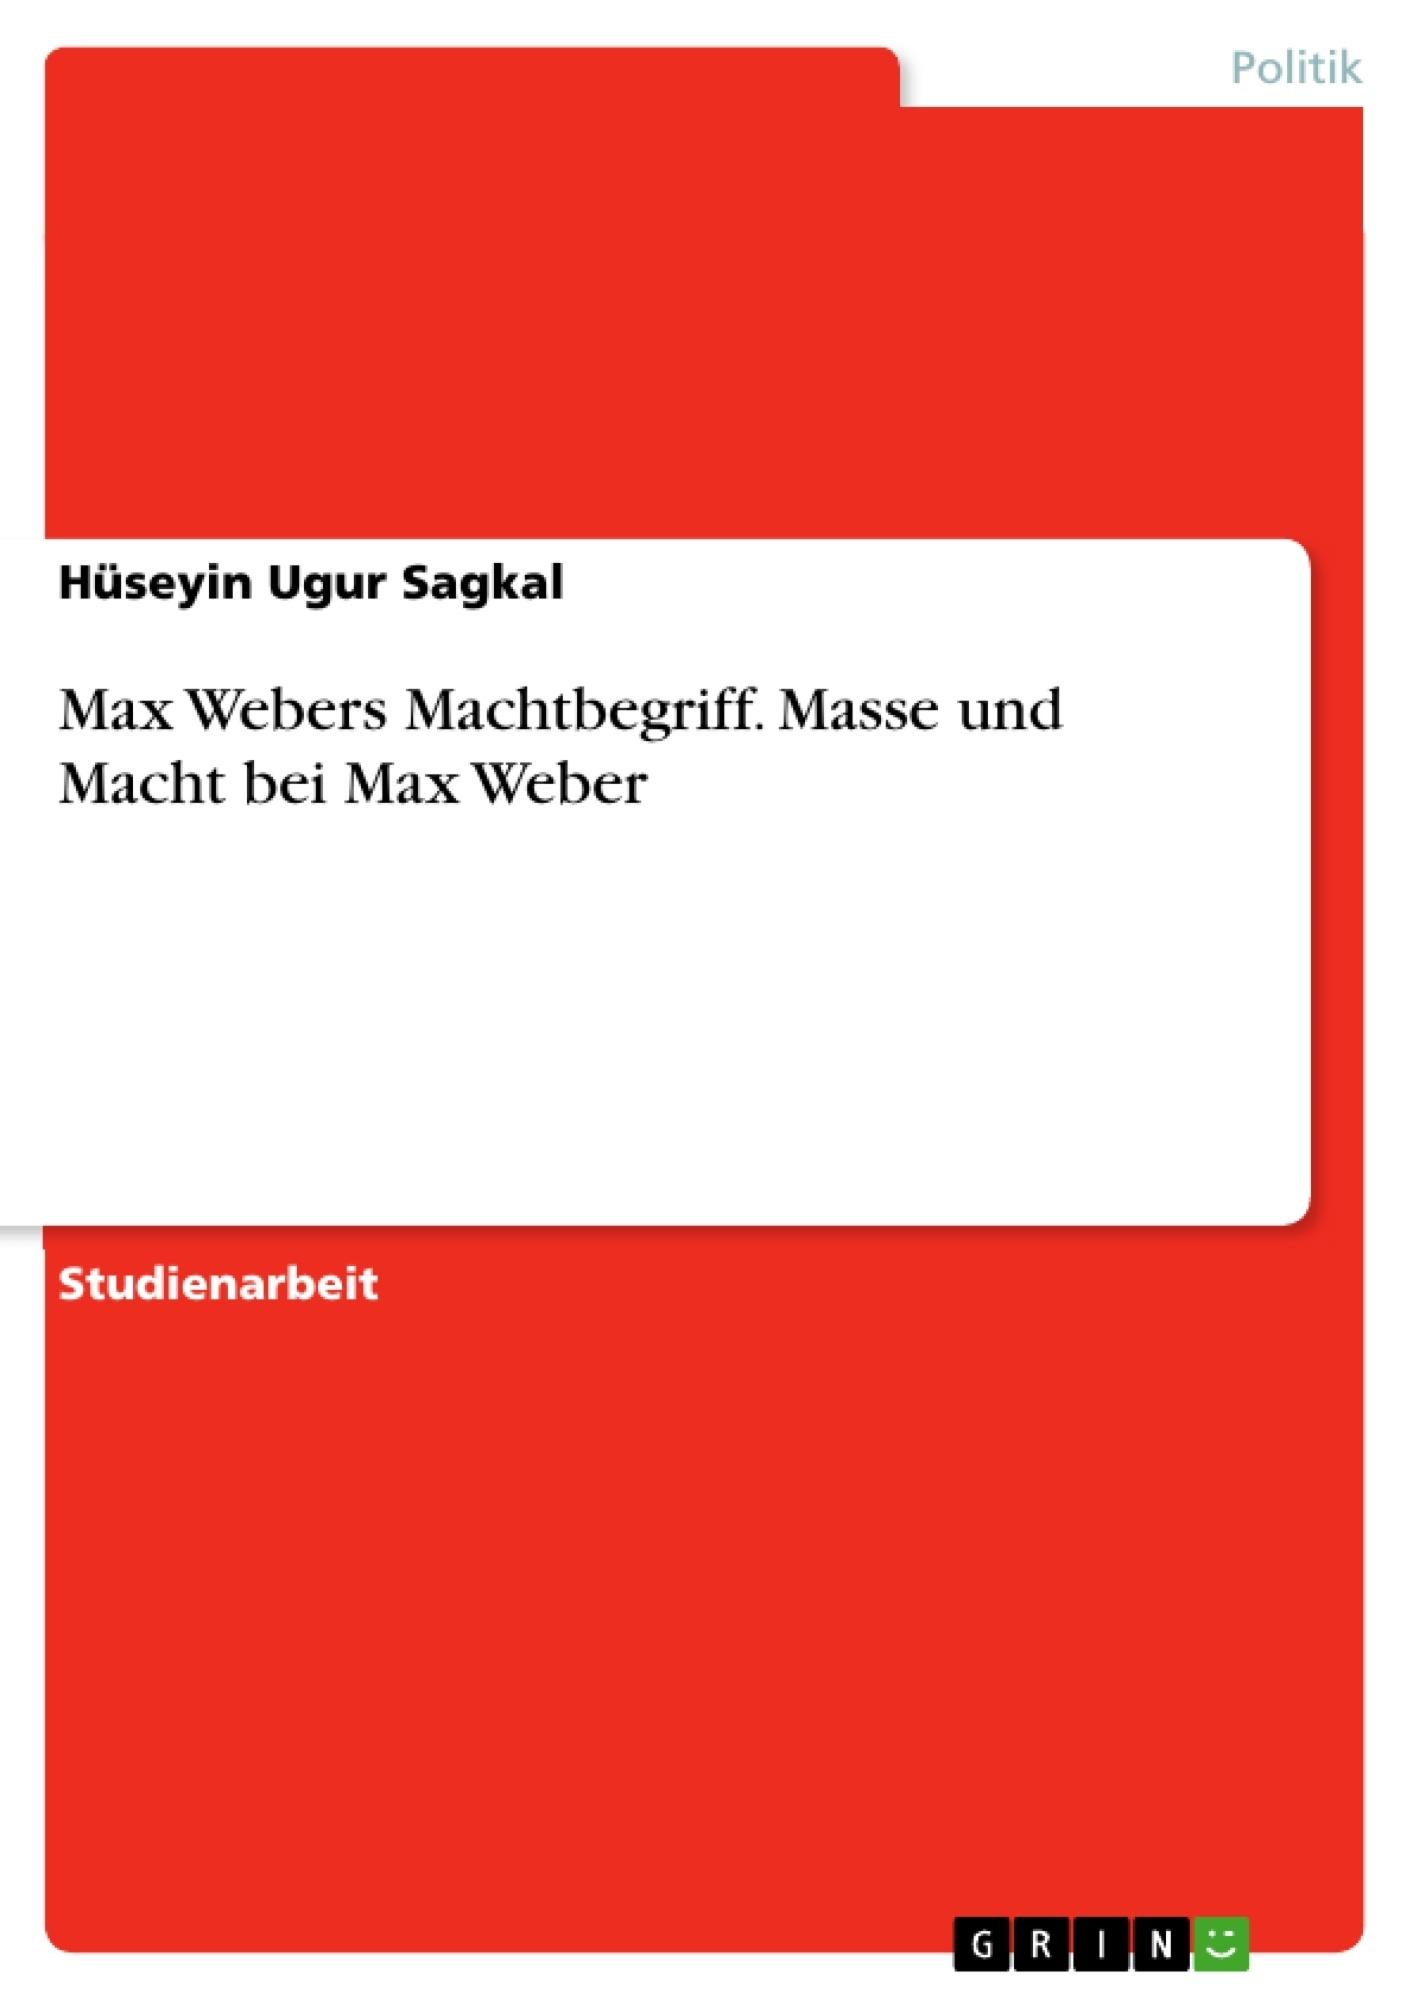 Titel: Max Webers Machtbegriff. Masse und Macht bei Max Weber